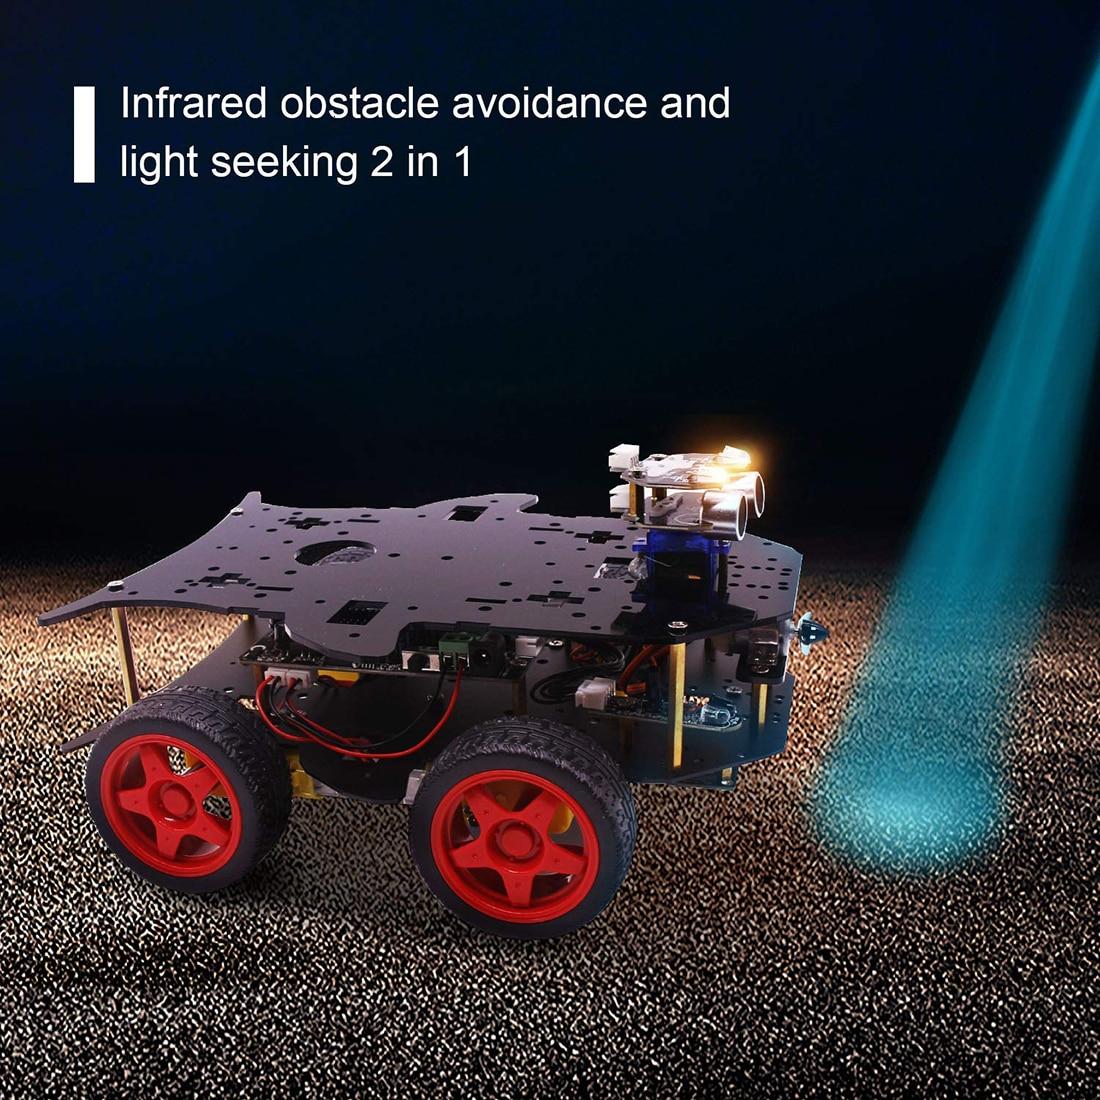 Rowsfire Roboter Auto 4wd Programmierung Stamm Bildung Off road Licht Tracking Roboter Spielzeug Mit Tutorial Für Arduino Heißer Verkauf - 5